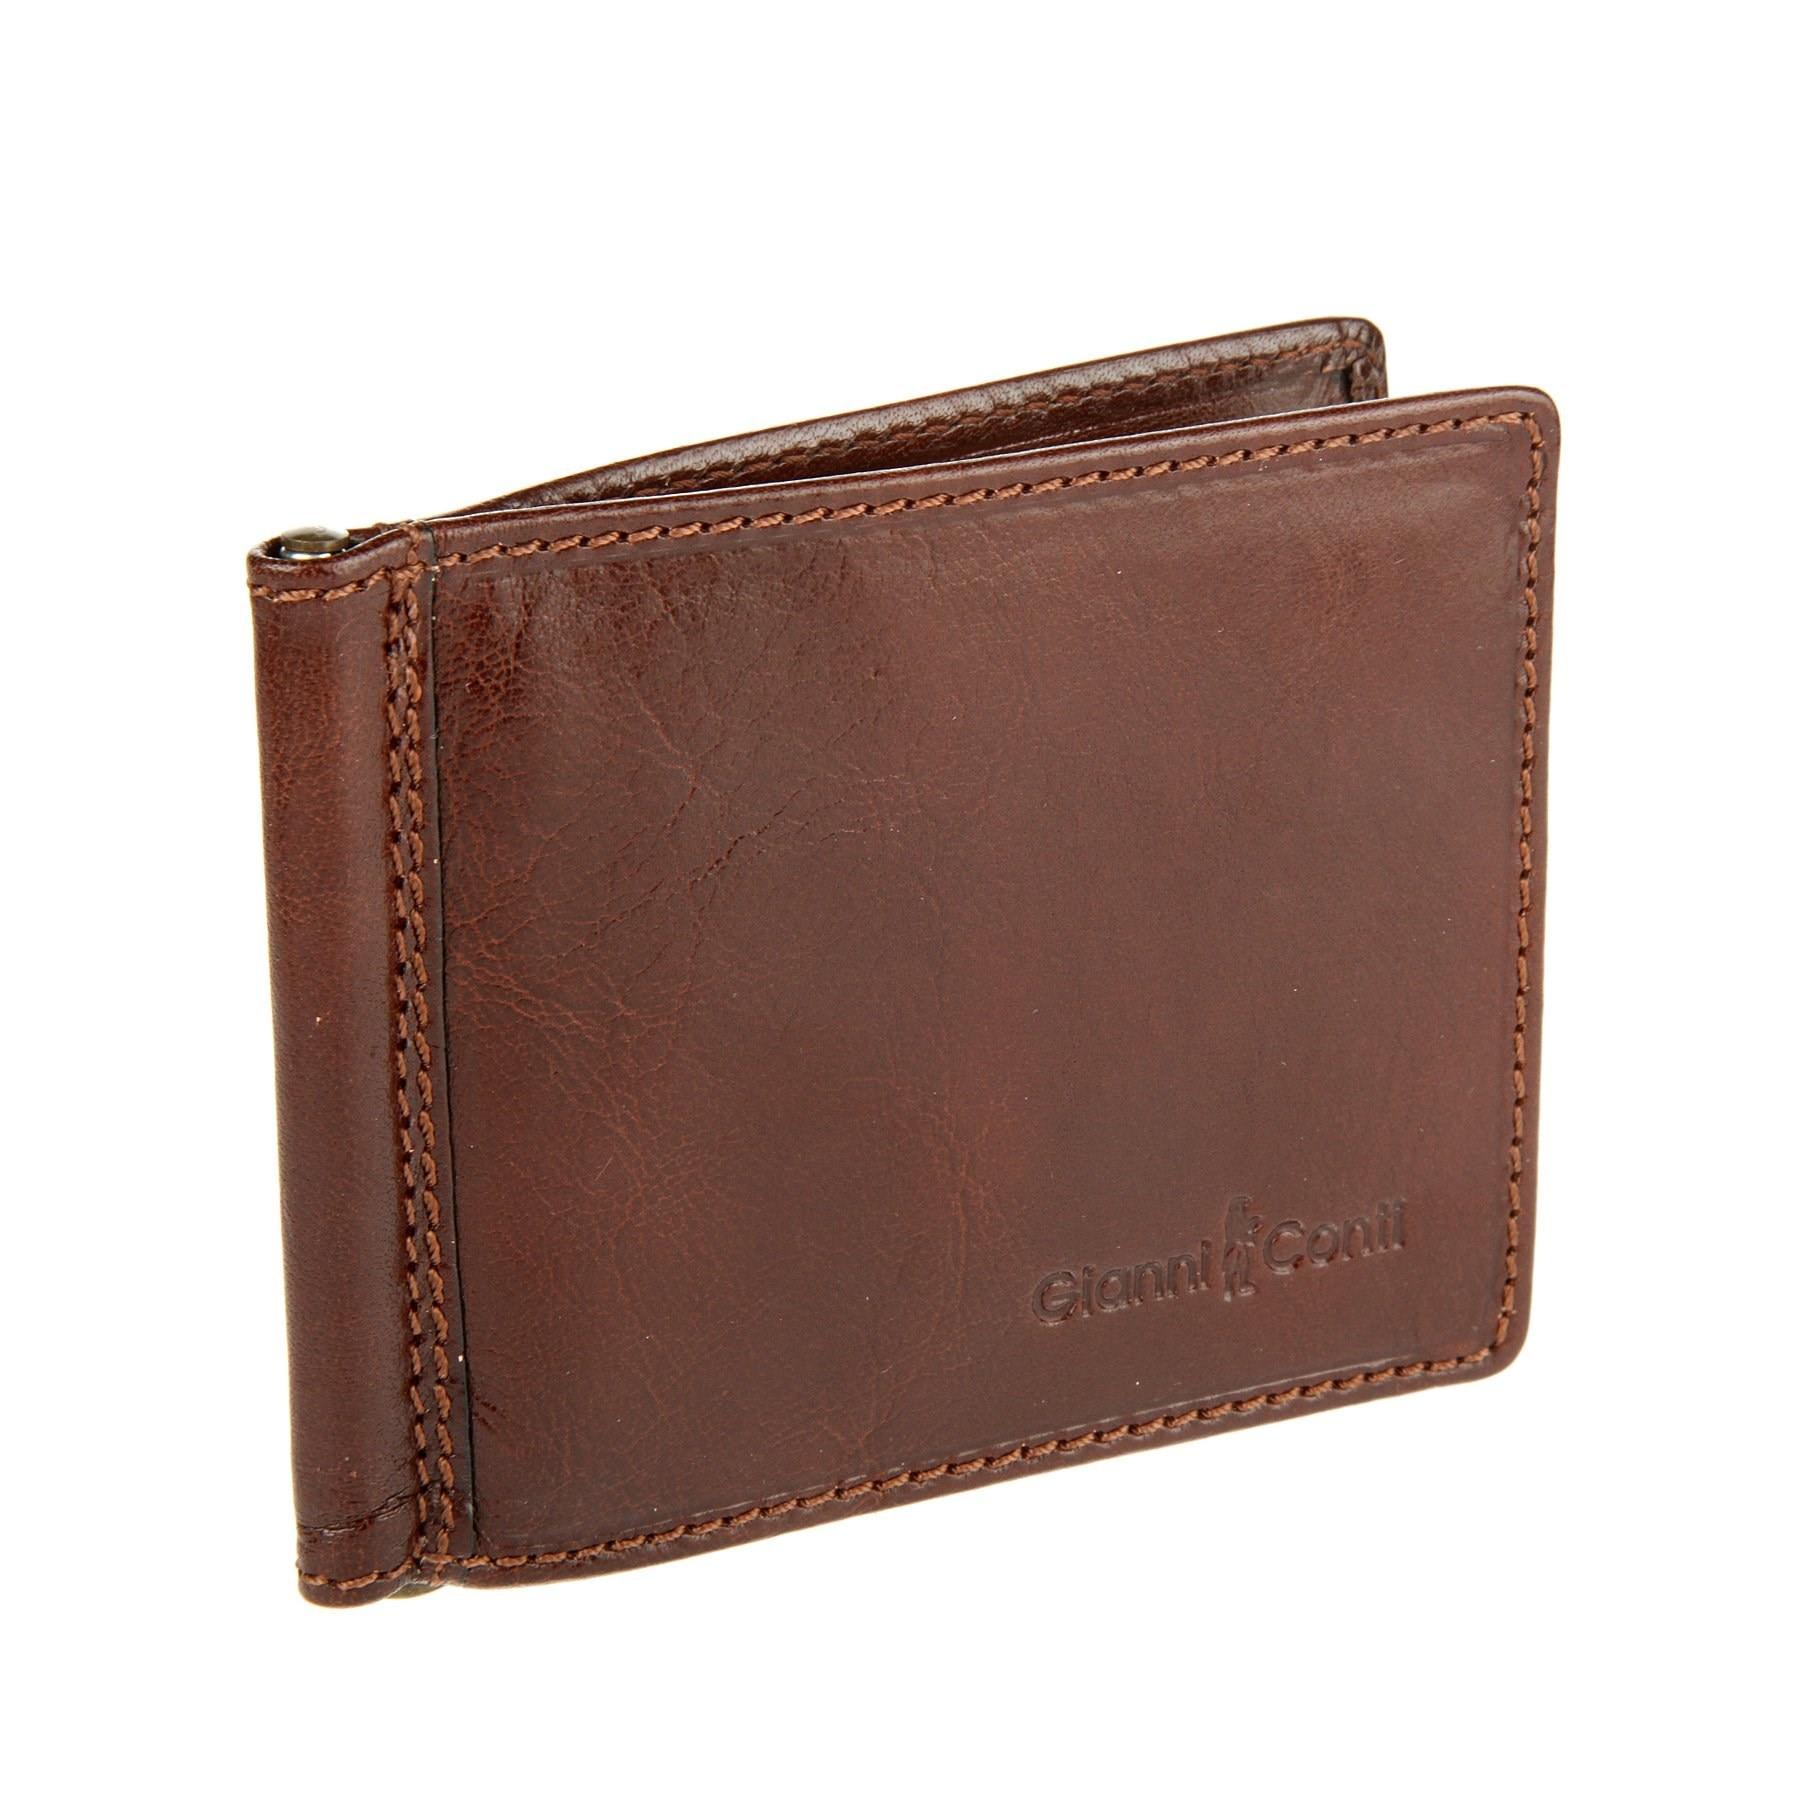 Money clip Gianni Conti 907101 Brown money clip gianni conti 2187466 black